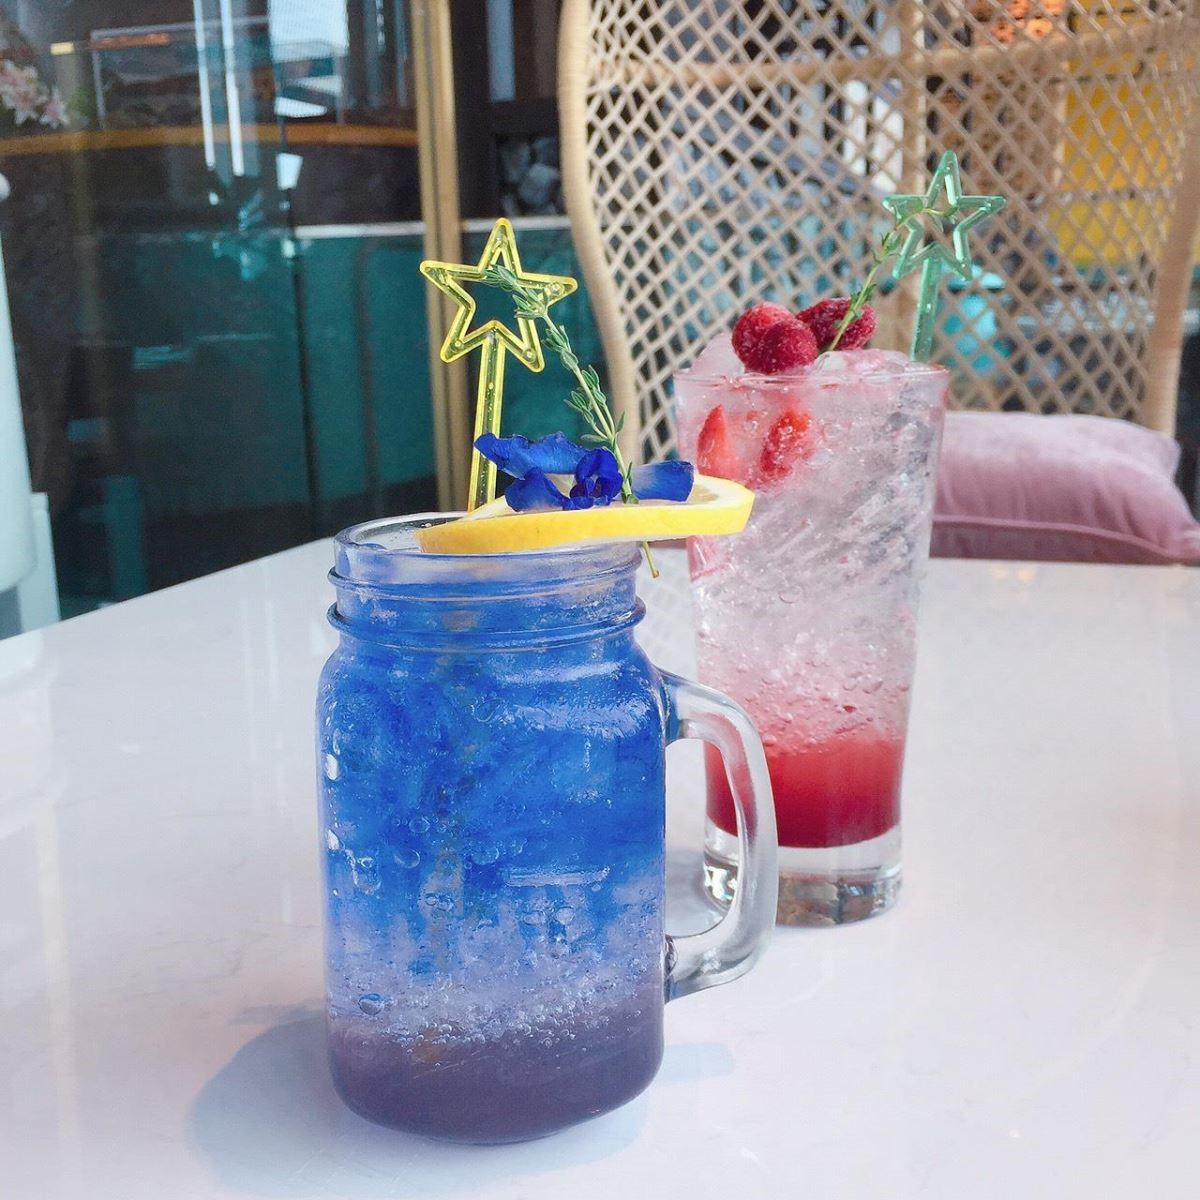 小編點的蝶豆花檸檬茶,顏色漂亮,好看也好喝。